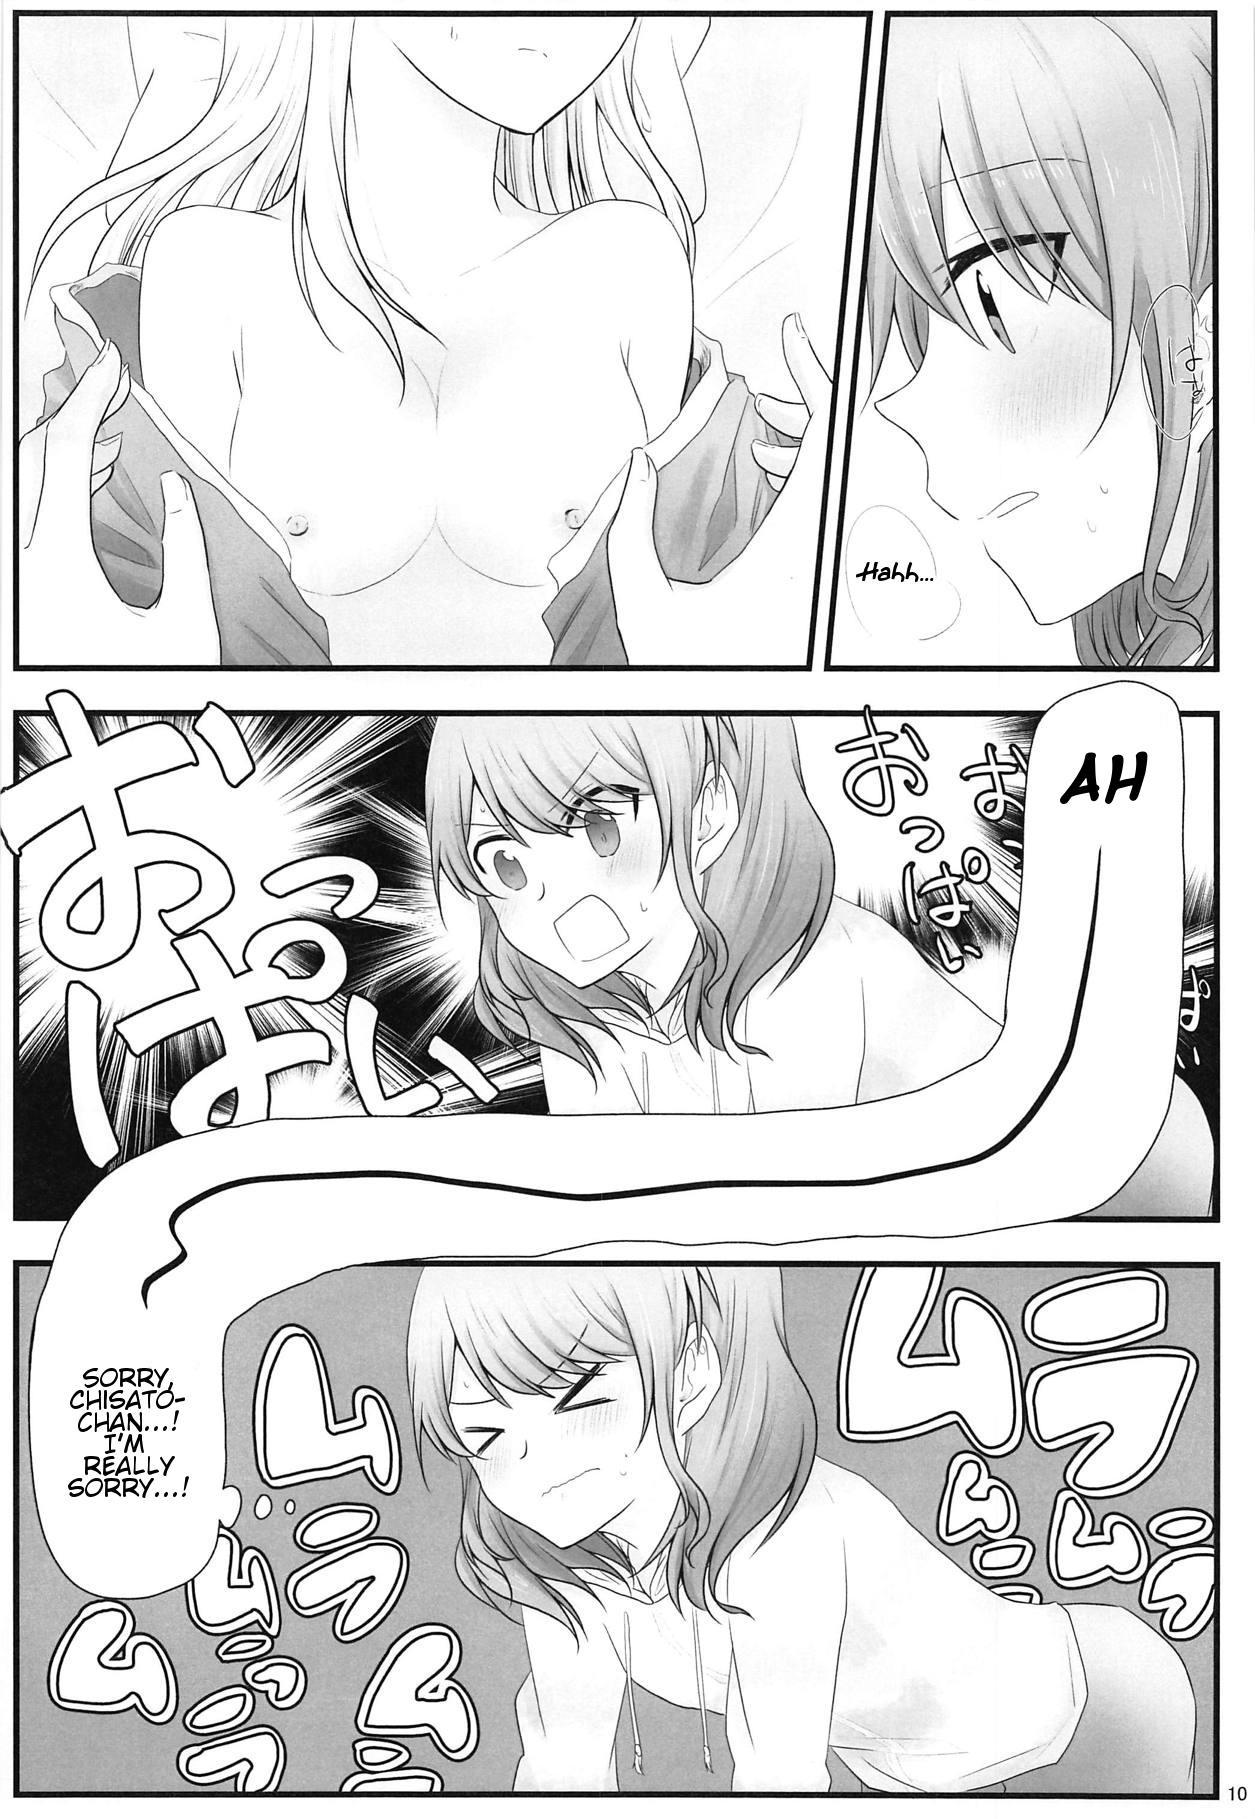 Ato de Okorareru kara! 8